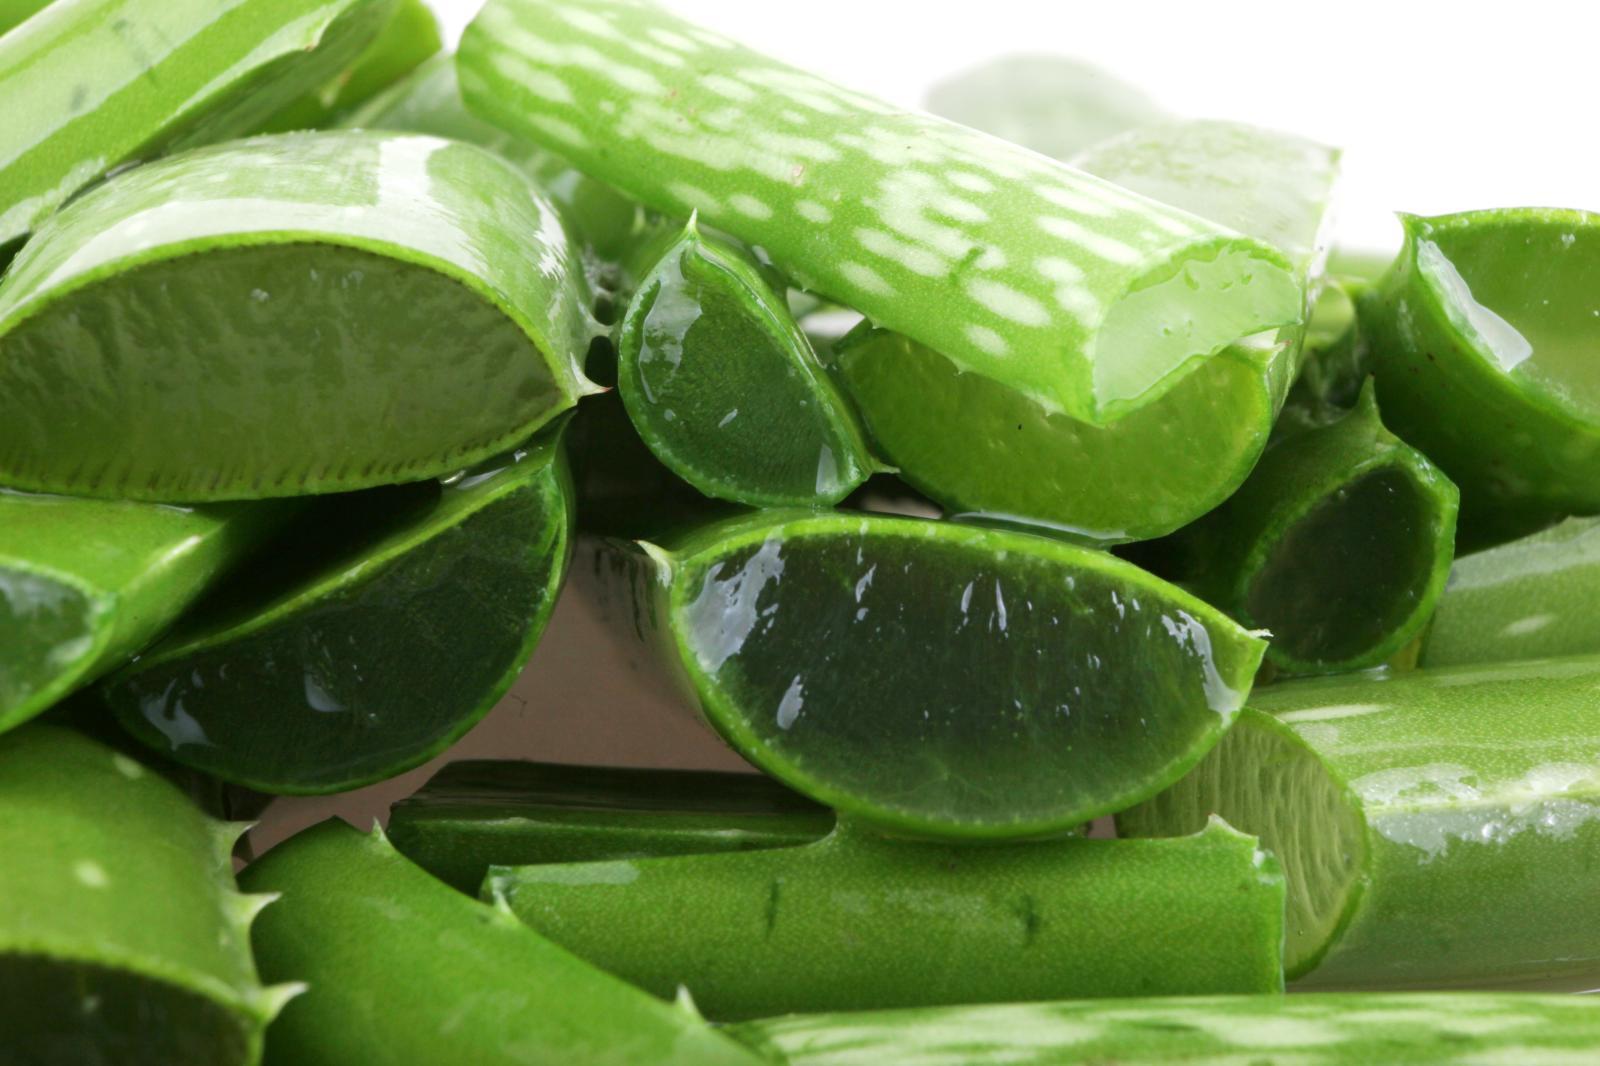 Listy aloe vera ukrývají dužinu, která má na naši pleť blahodárné účinky.